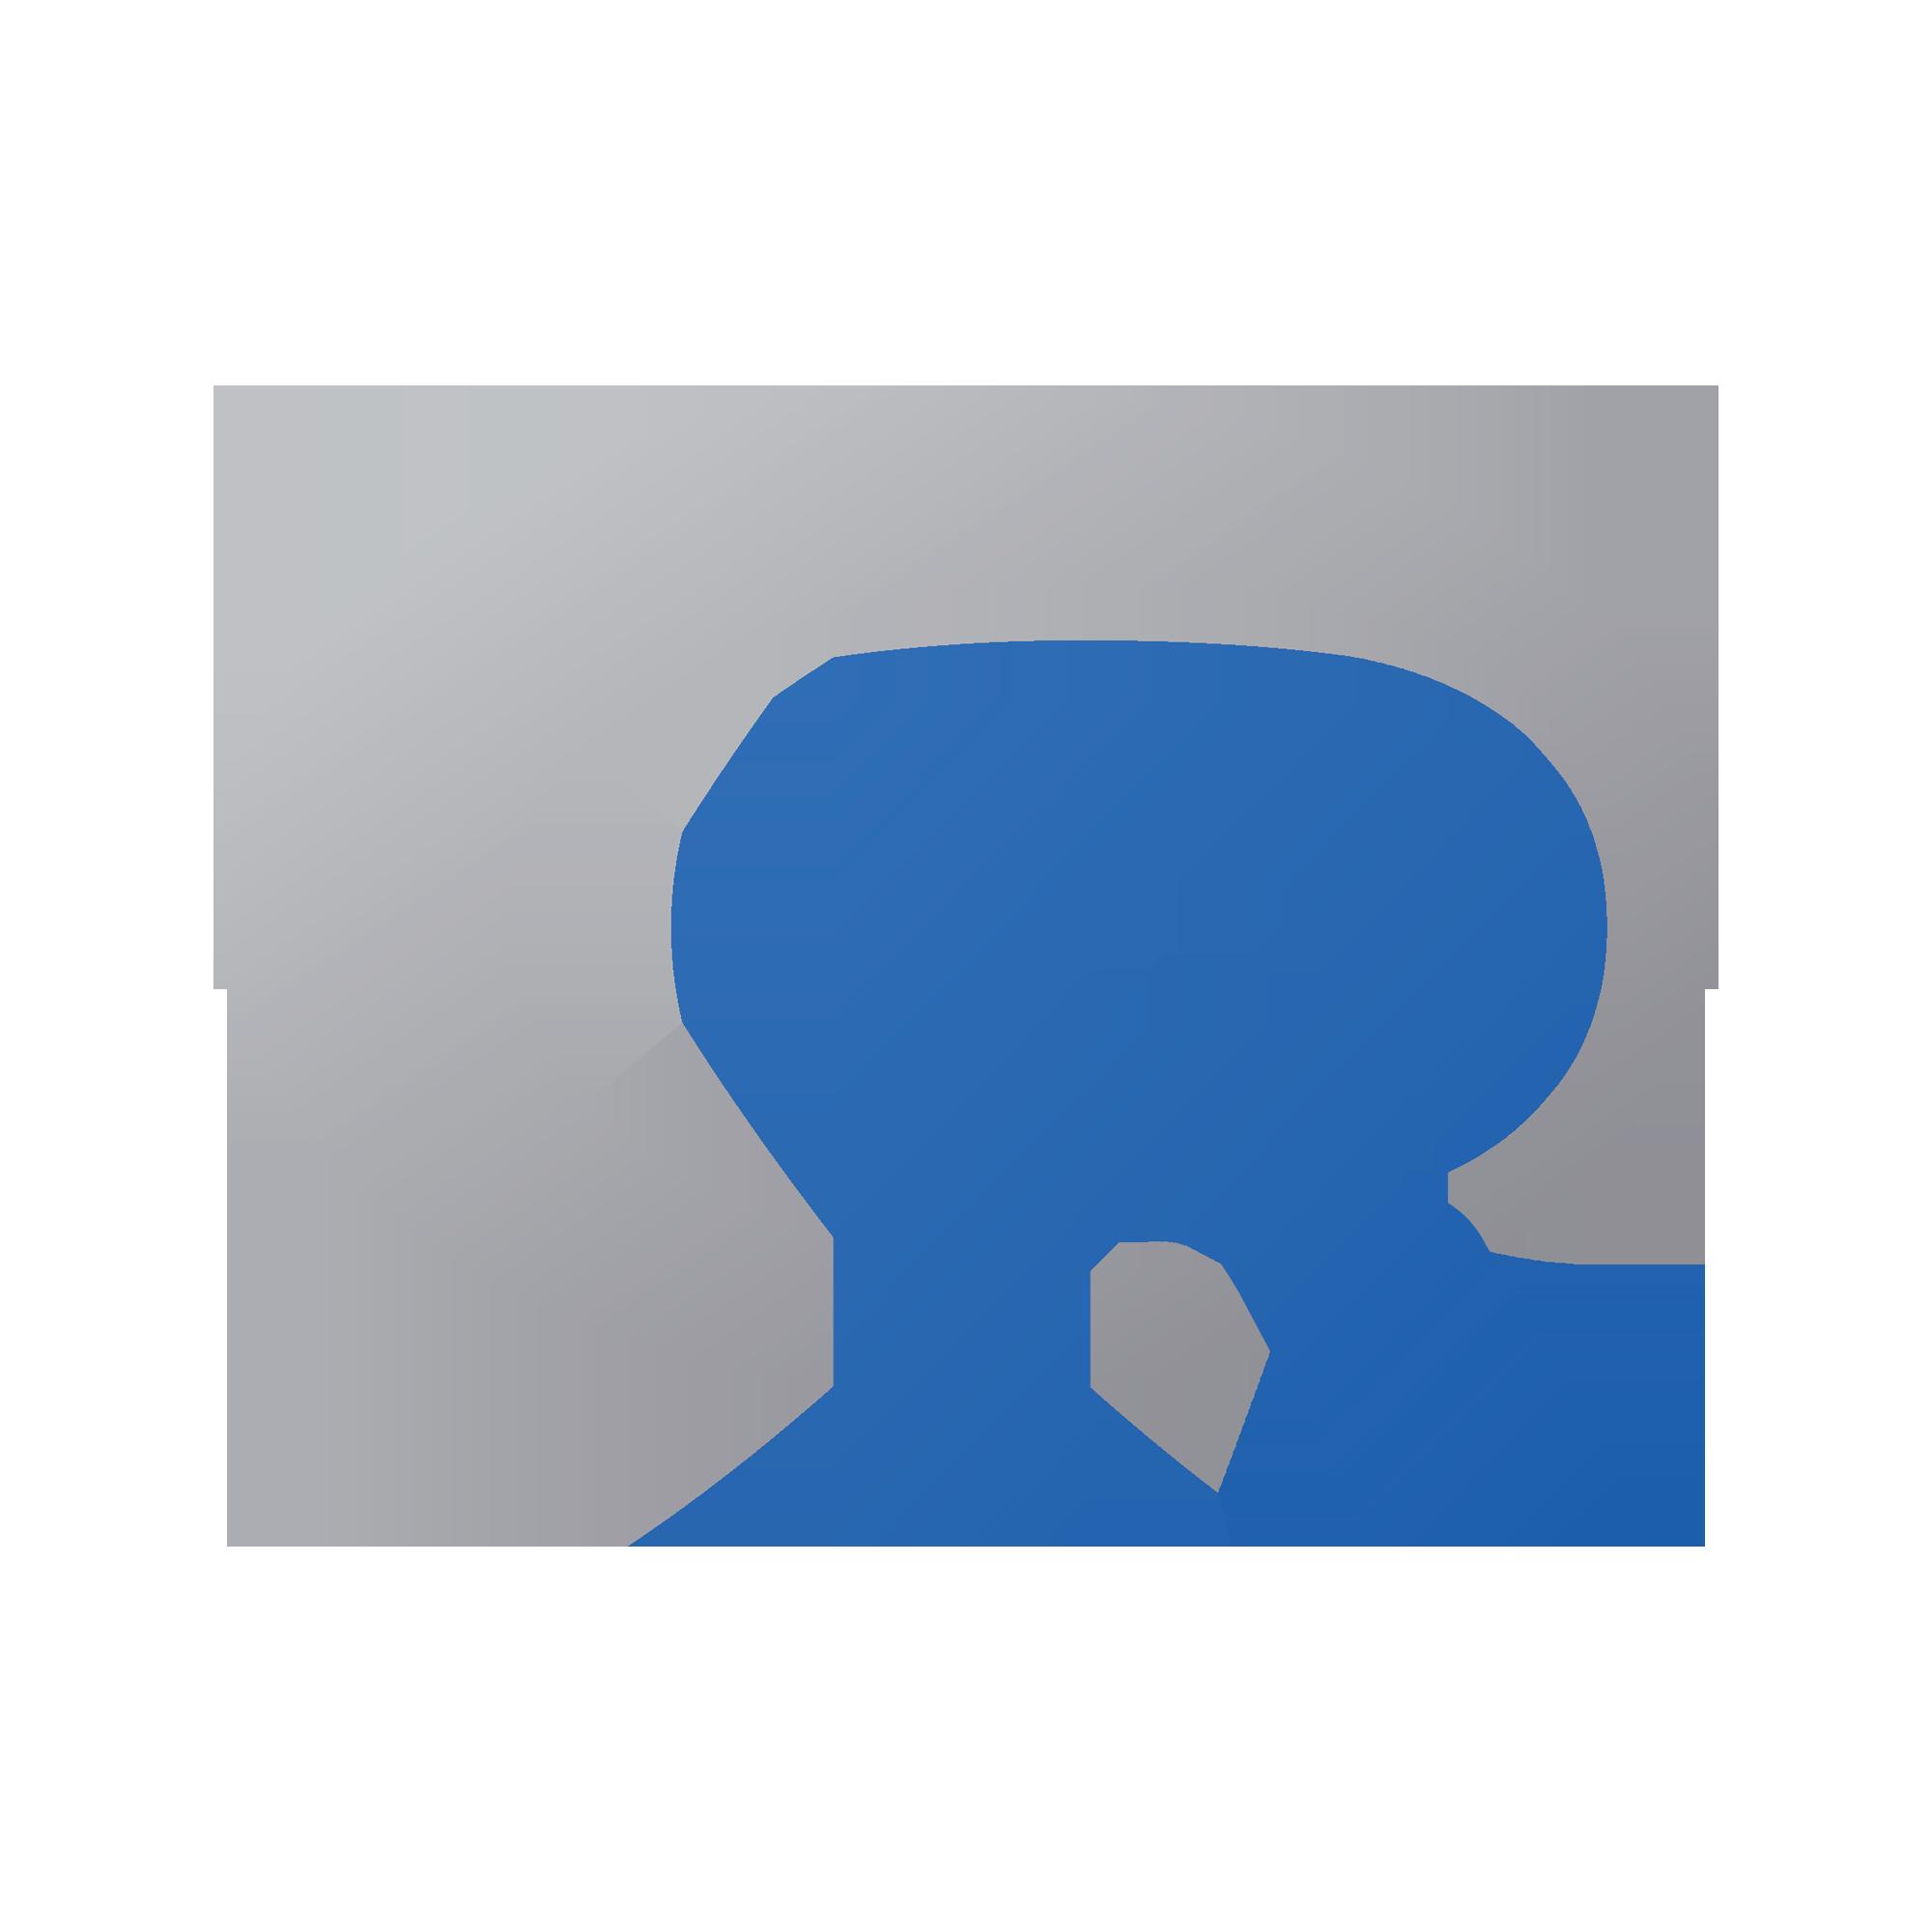 R Statistics, R icon, R png